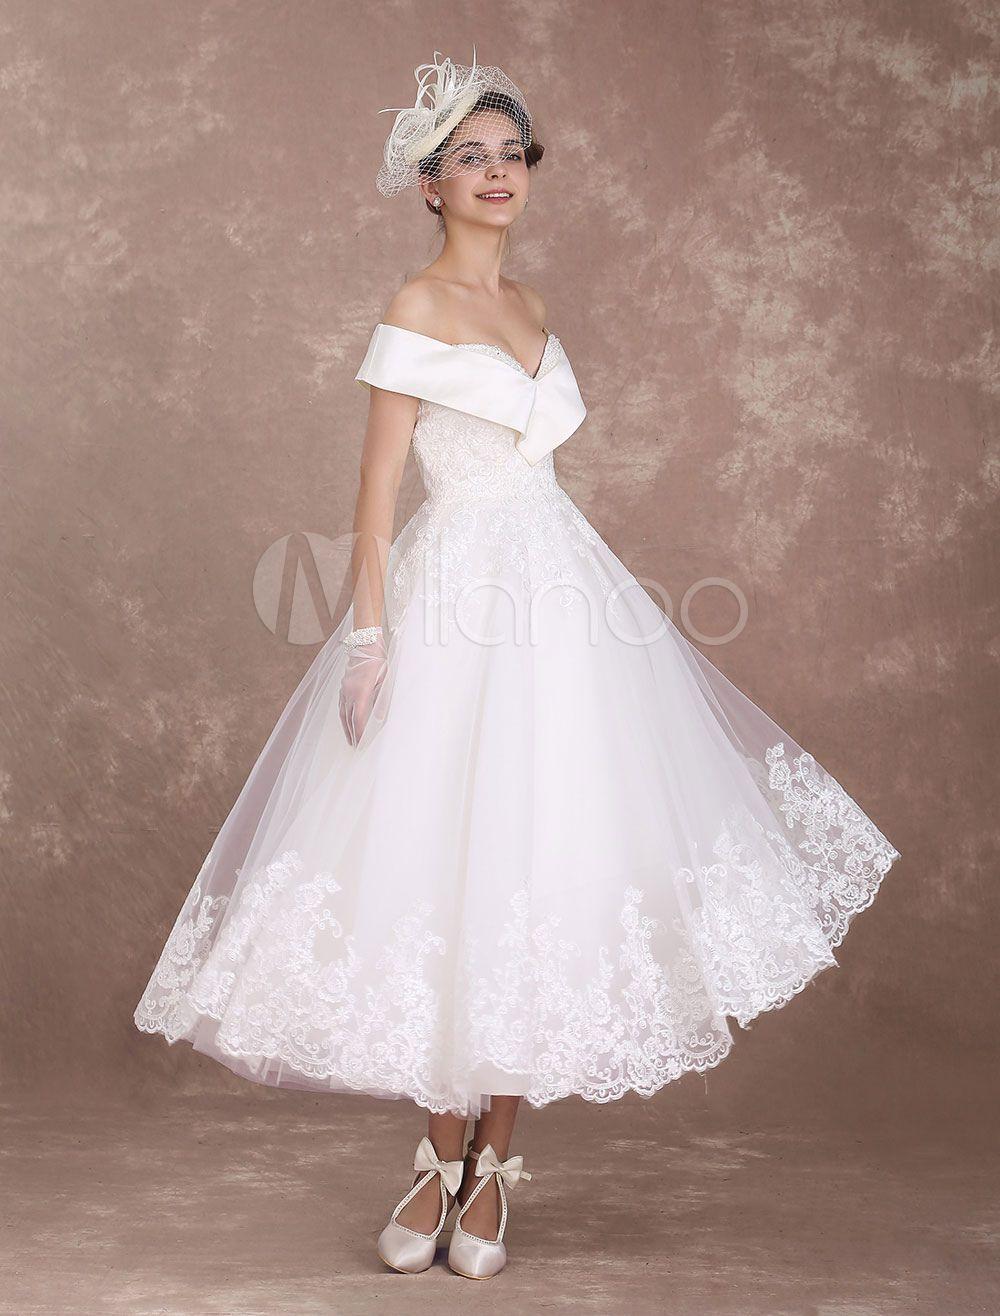 Vintage Wedding Dresses Off The Shoulder Short Bridal Dress 1950 S Lace Applique Beaded Short Bridal Dress Short Wedding Dress Vintage Tea Length Wedding Dress